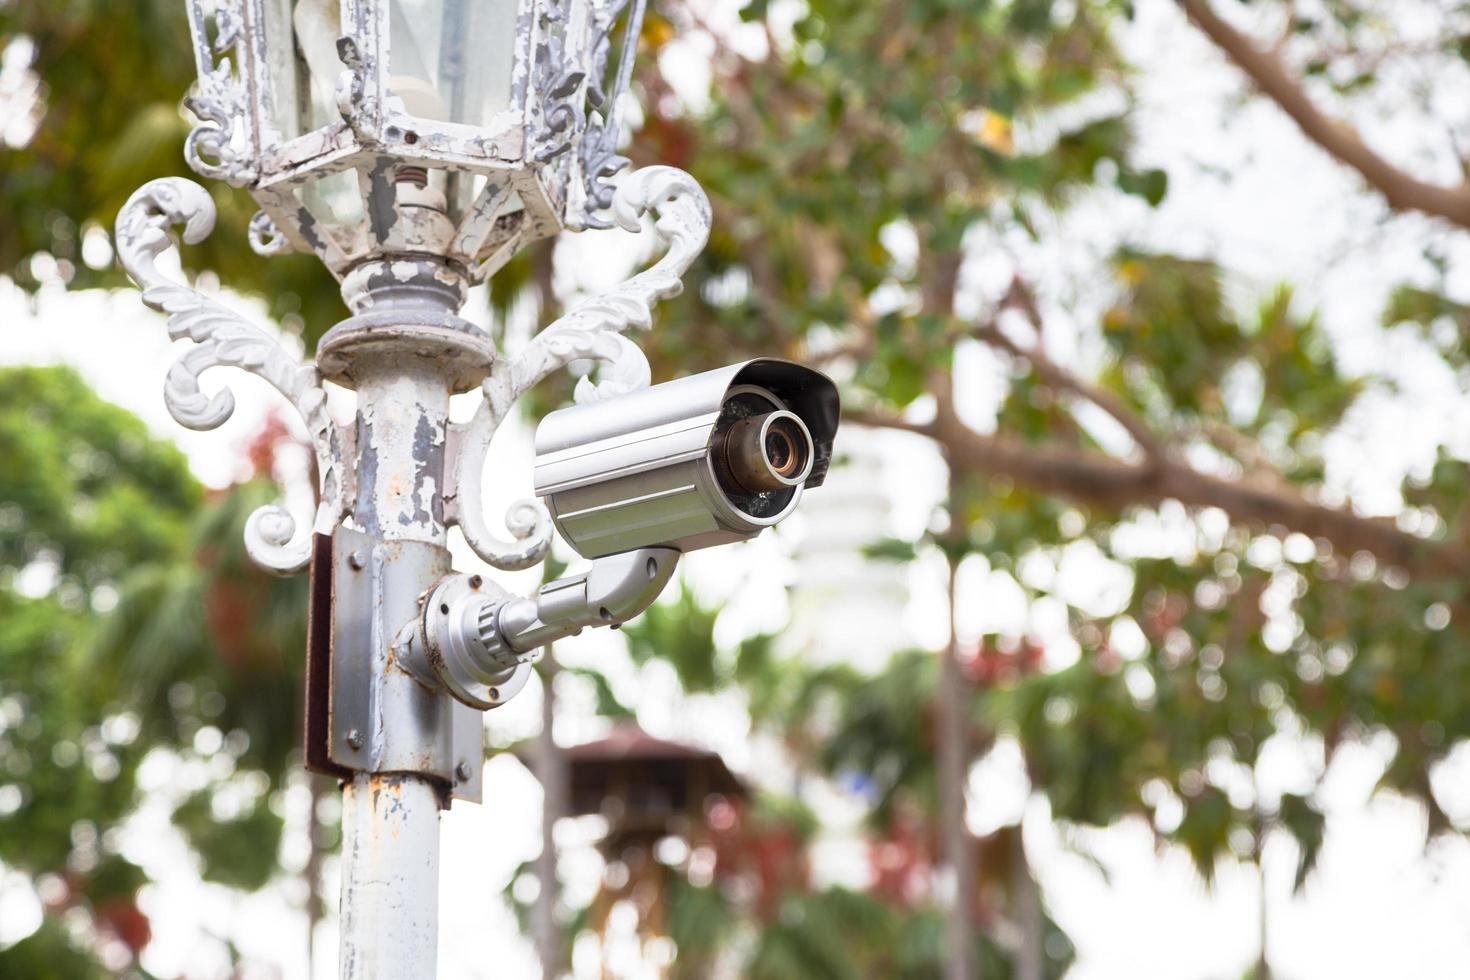 cctv-camera op een paal foto